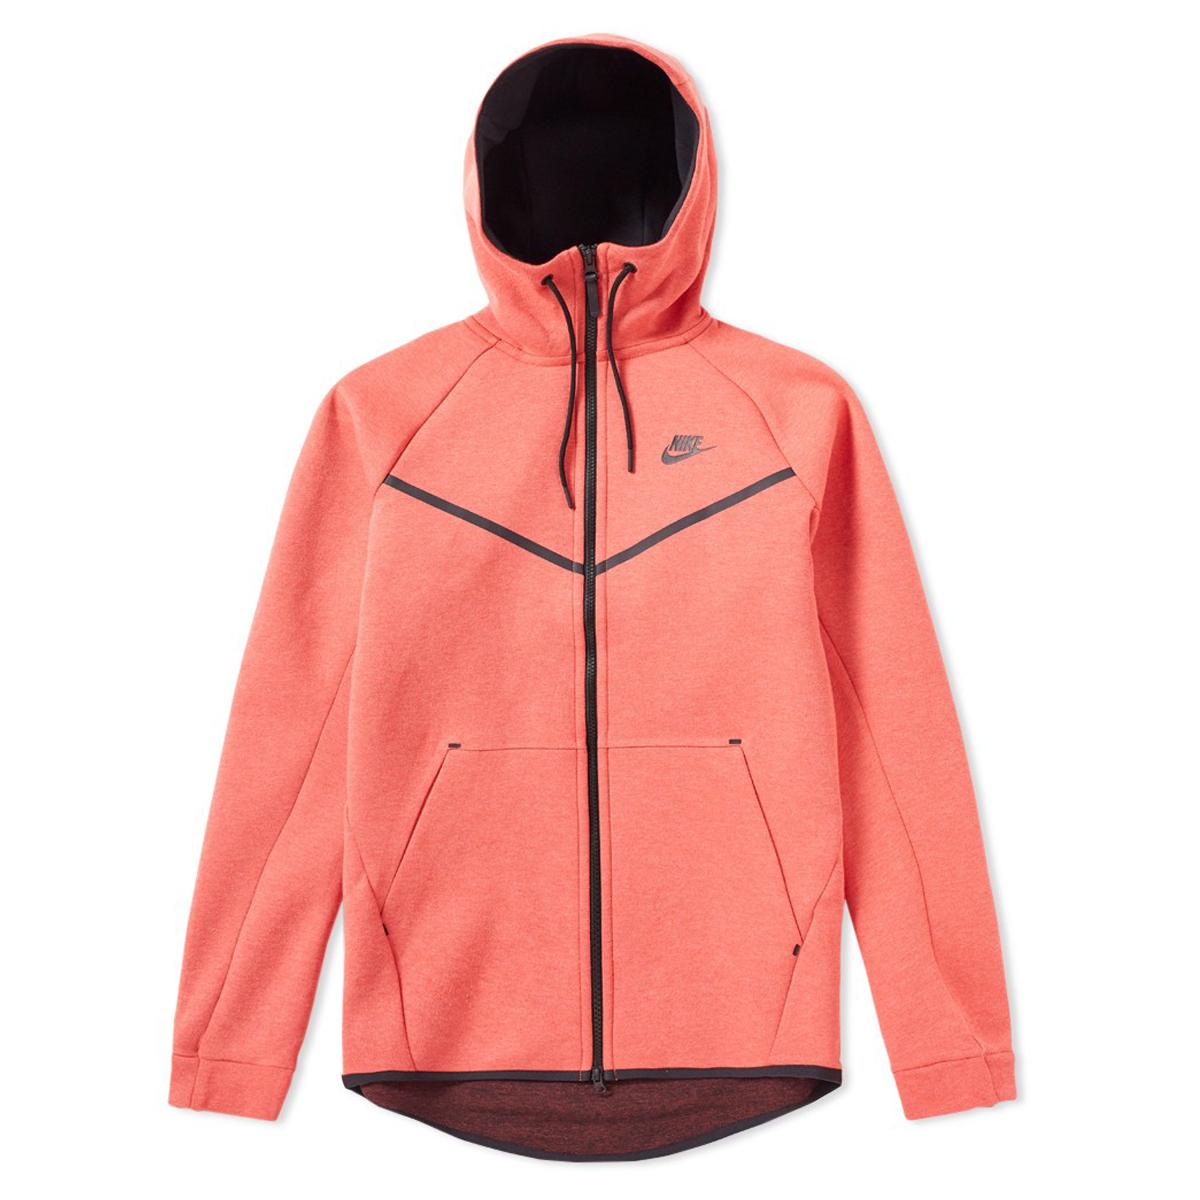 d6d58a30830b Nike Tech Fleece Windrunner Full zip Hoodie ROOD online kopen bij ...